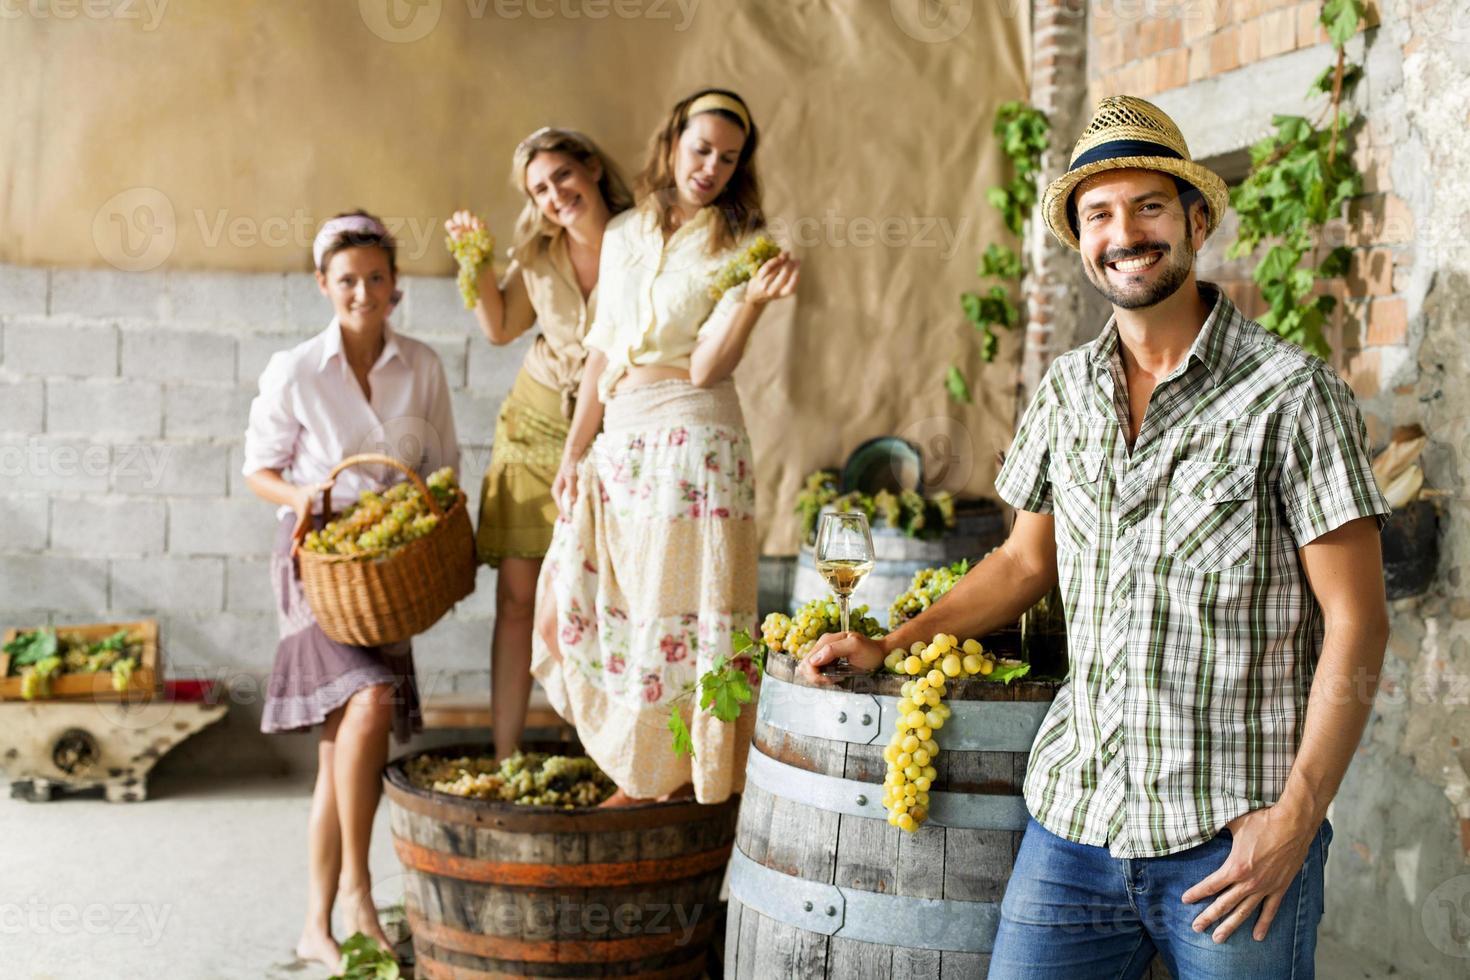 boer drinkt wijn terwijl vrouwen druiven beuken foto